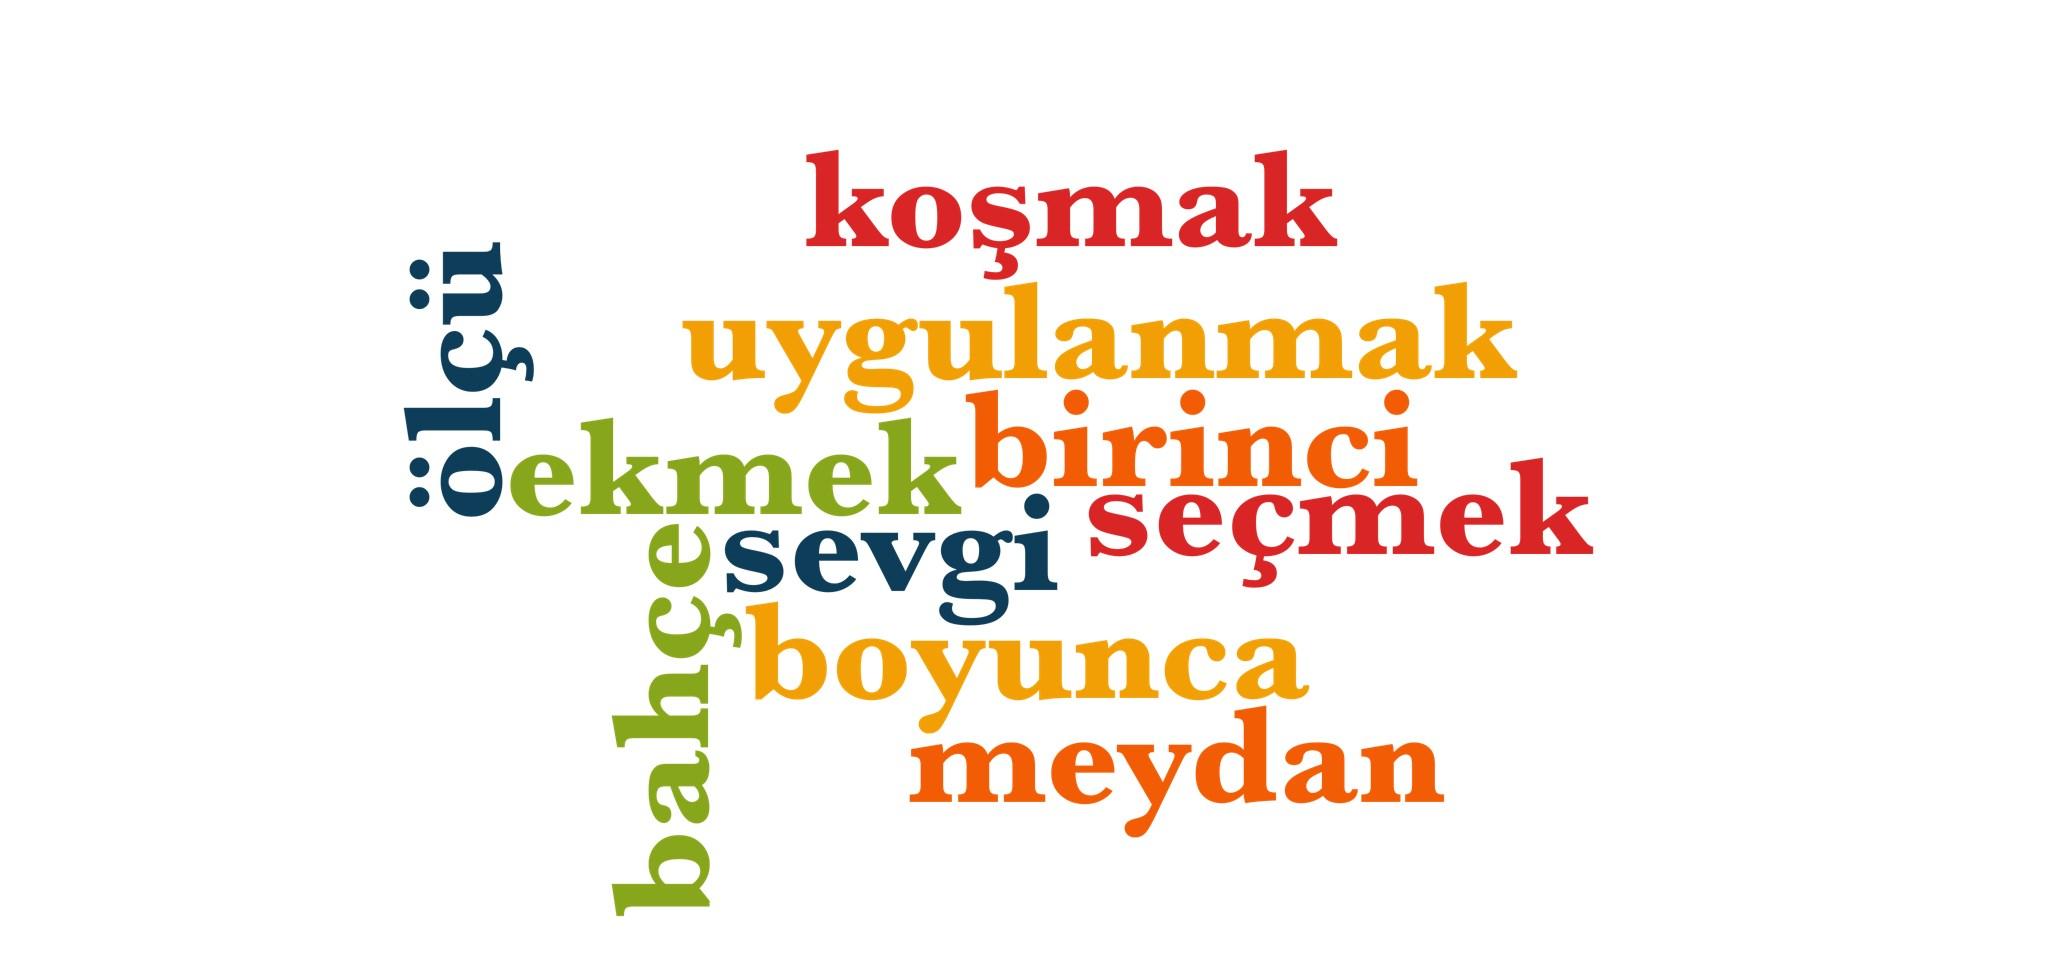 Wörter 531 bis 540 der 1000 häufigsten Wörter der türkischen Sprache